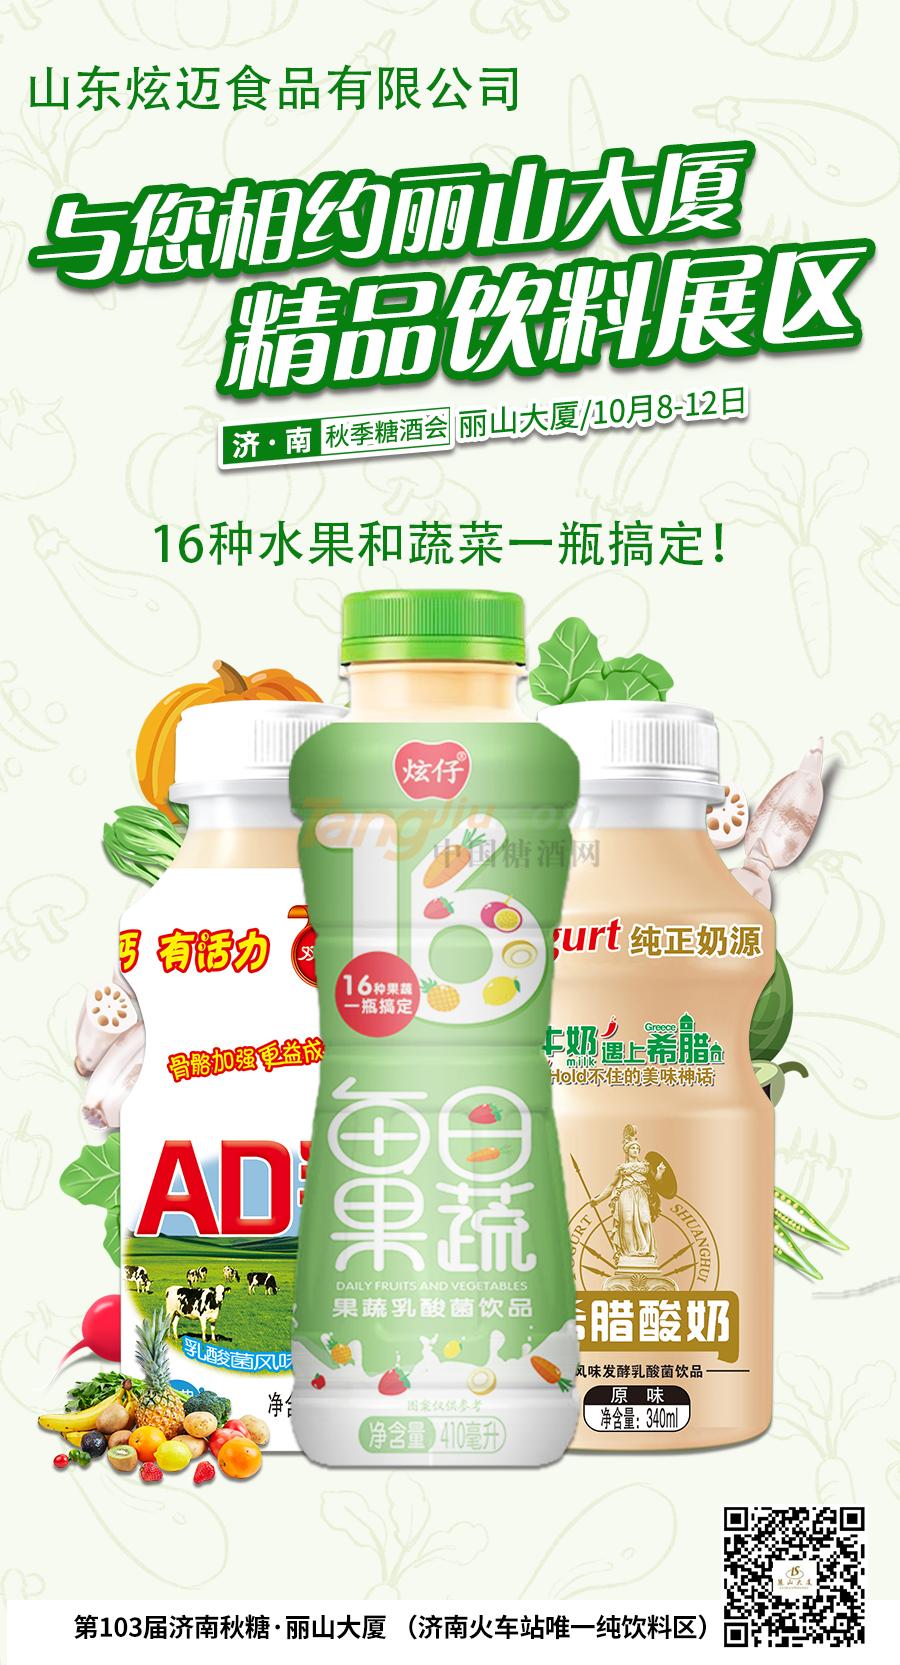 山东炫迈食品有限公司-1.png